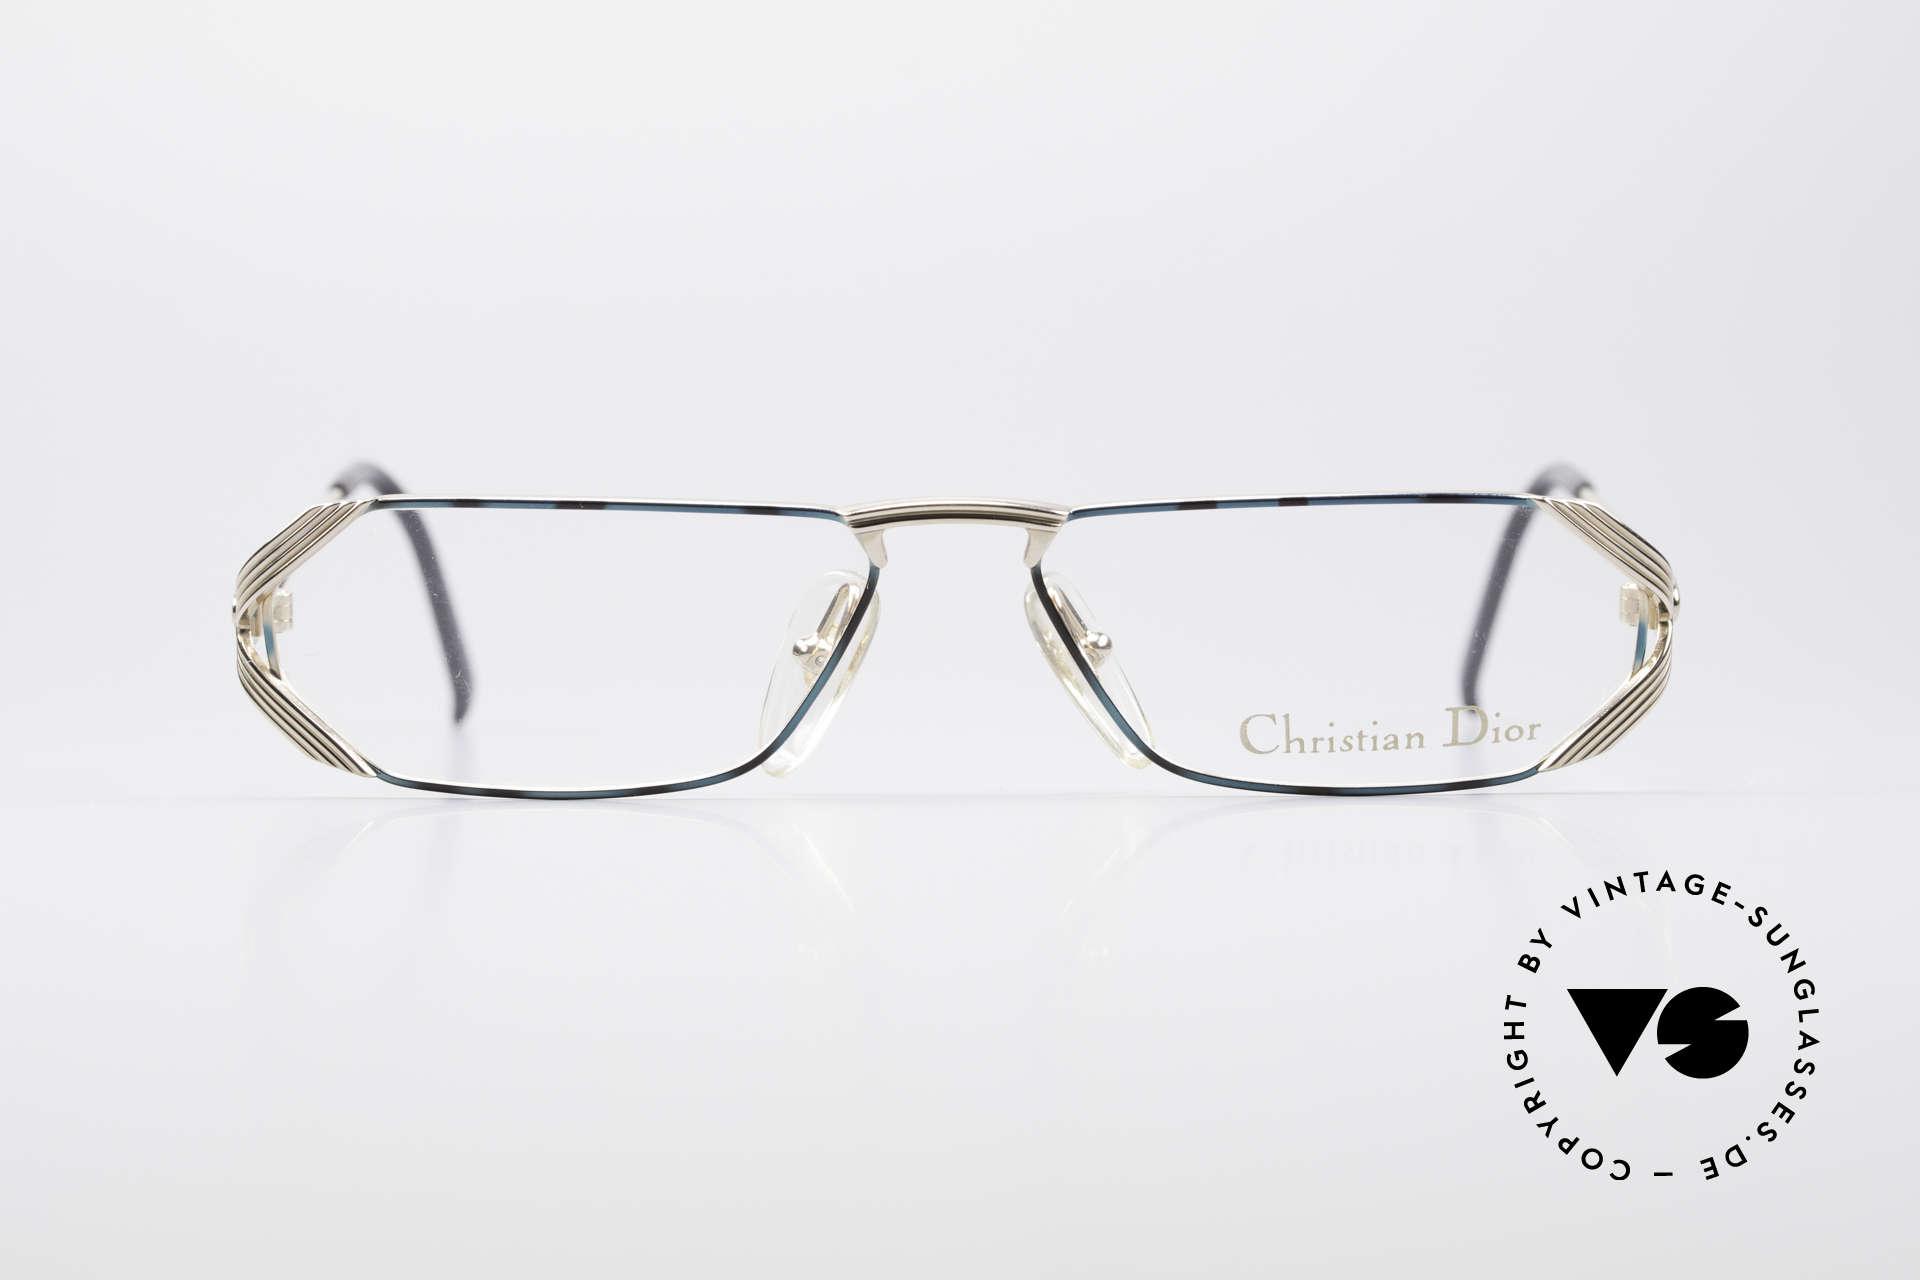 Christian Dior 2617 Vintage Lesebrille 90er, markantes Design & elegante Farbgestaltung, Passend für Herren